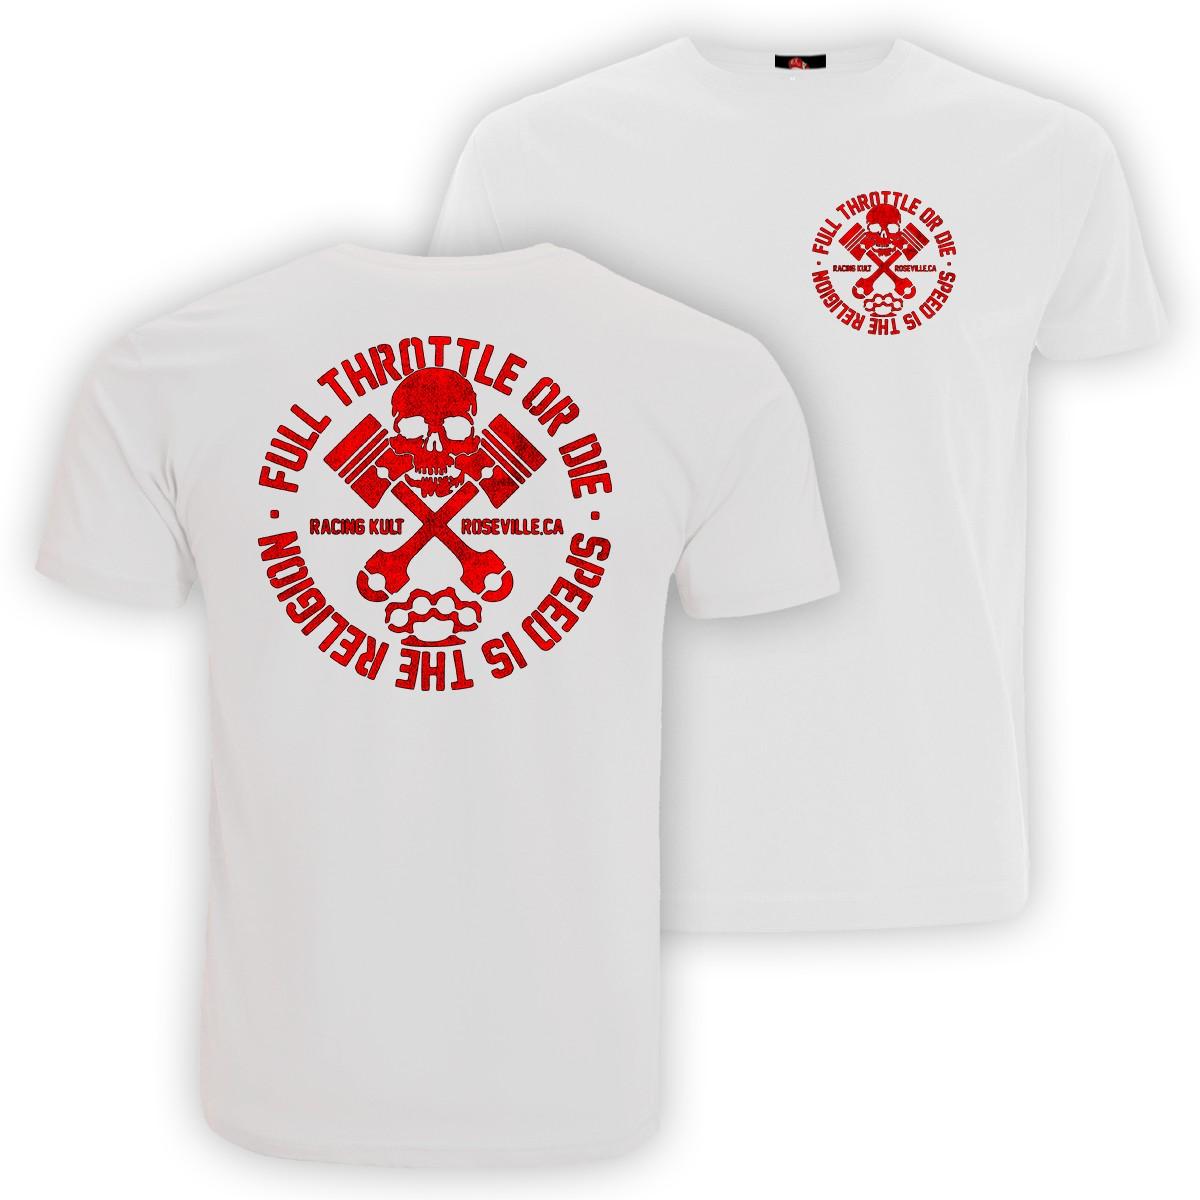 Racing Kult T-Shirt Full Throttle Motiv in Rot